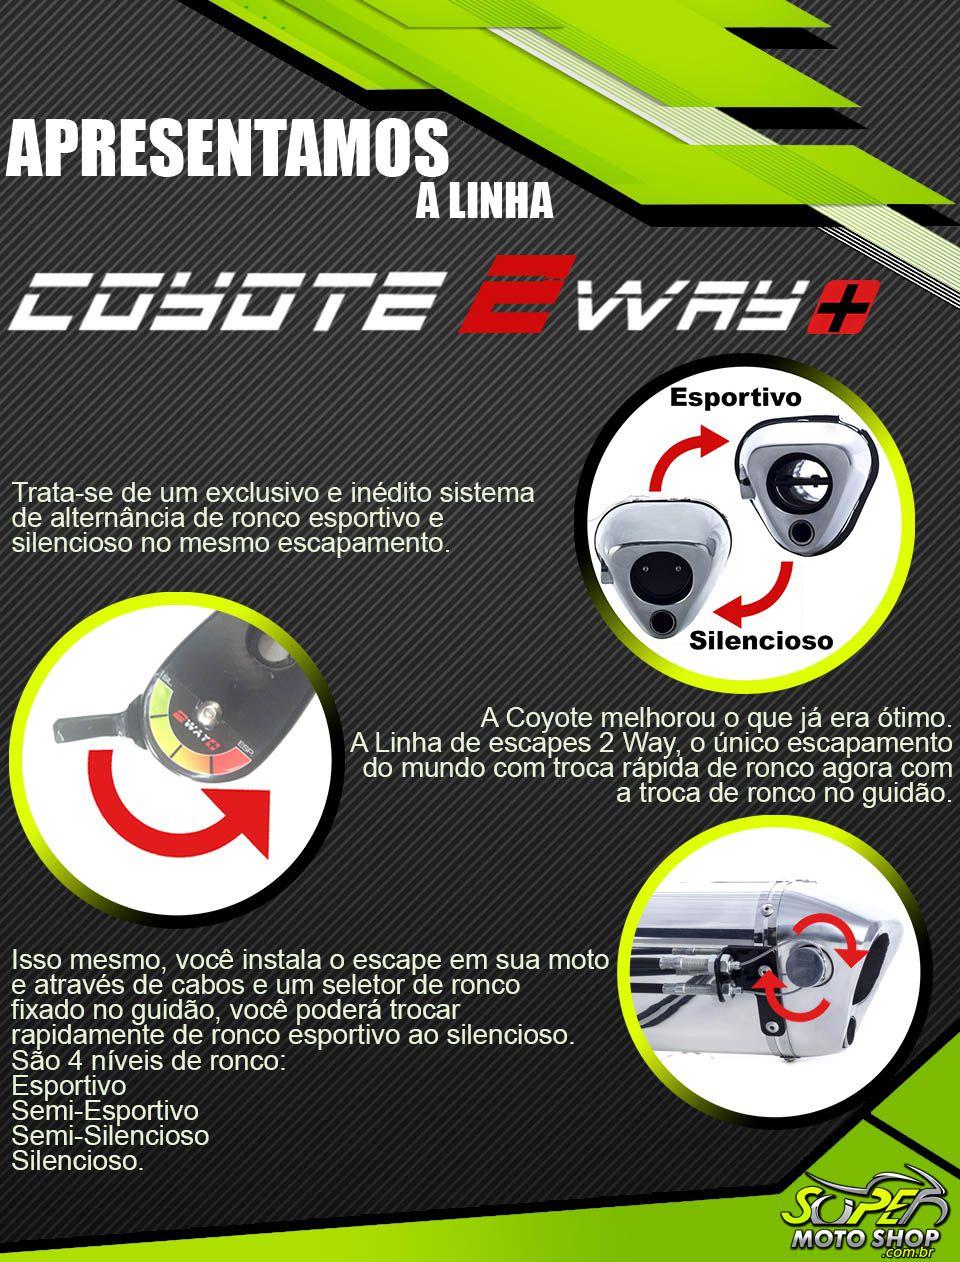 Escape / Ponteira Coyote TRS 2 Way + Mais JUNIOR 20cm em Alumínio - CG 150 Titan & Fan KS/ESi ano 2009 até 2013 - Honda